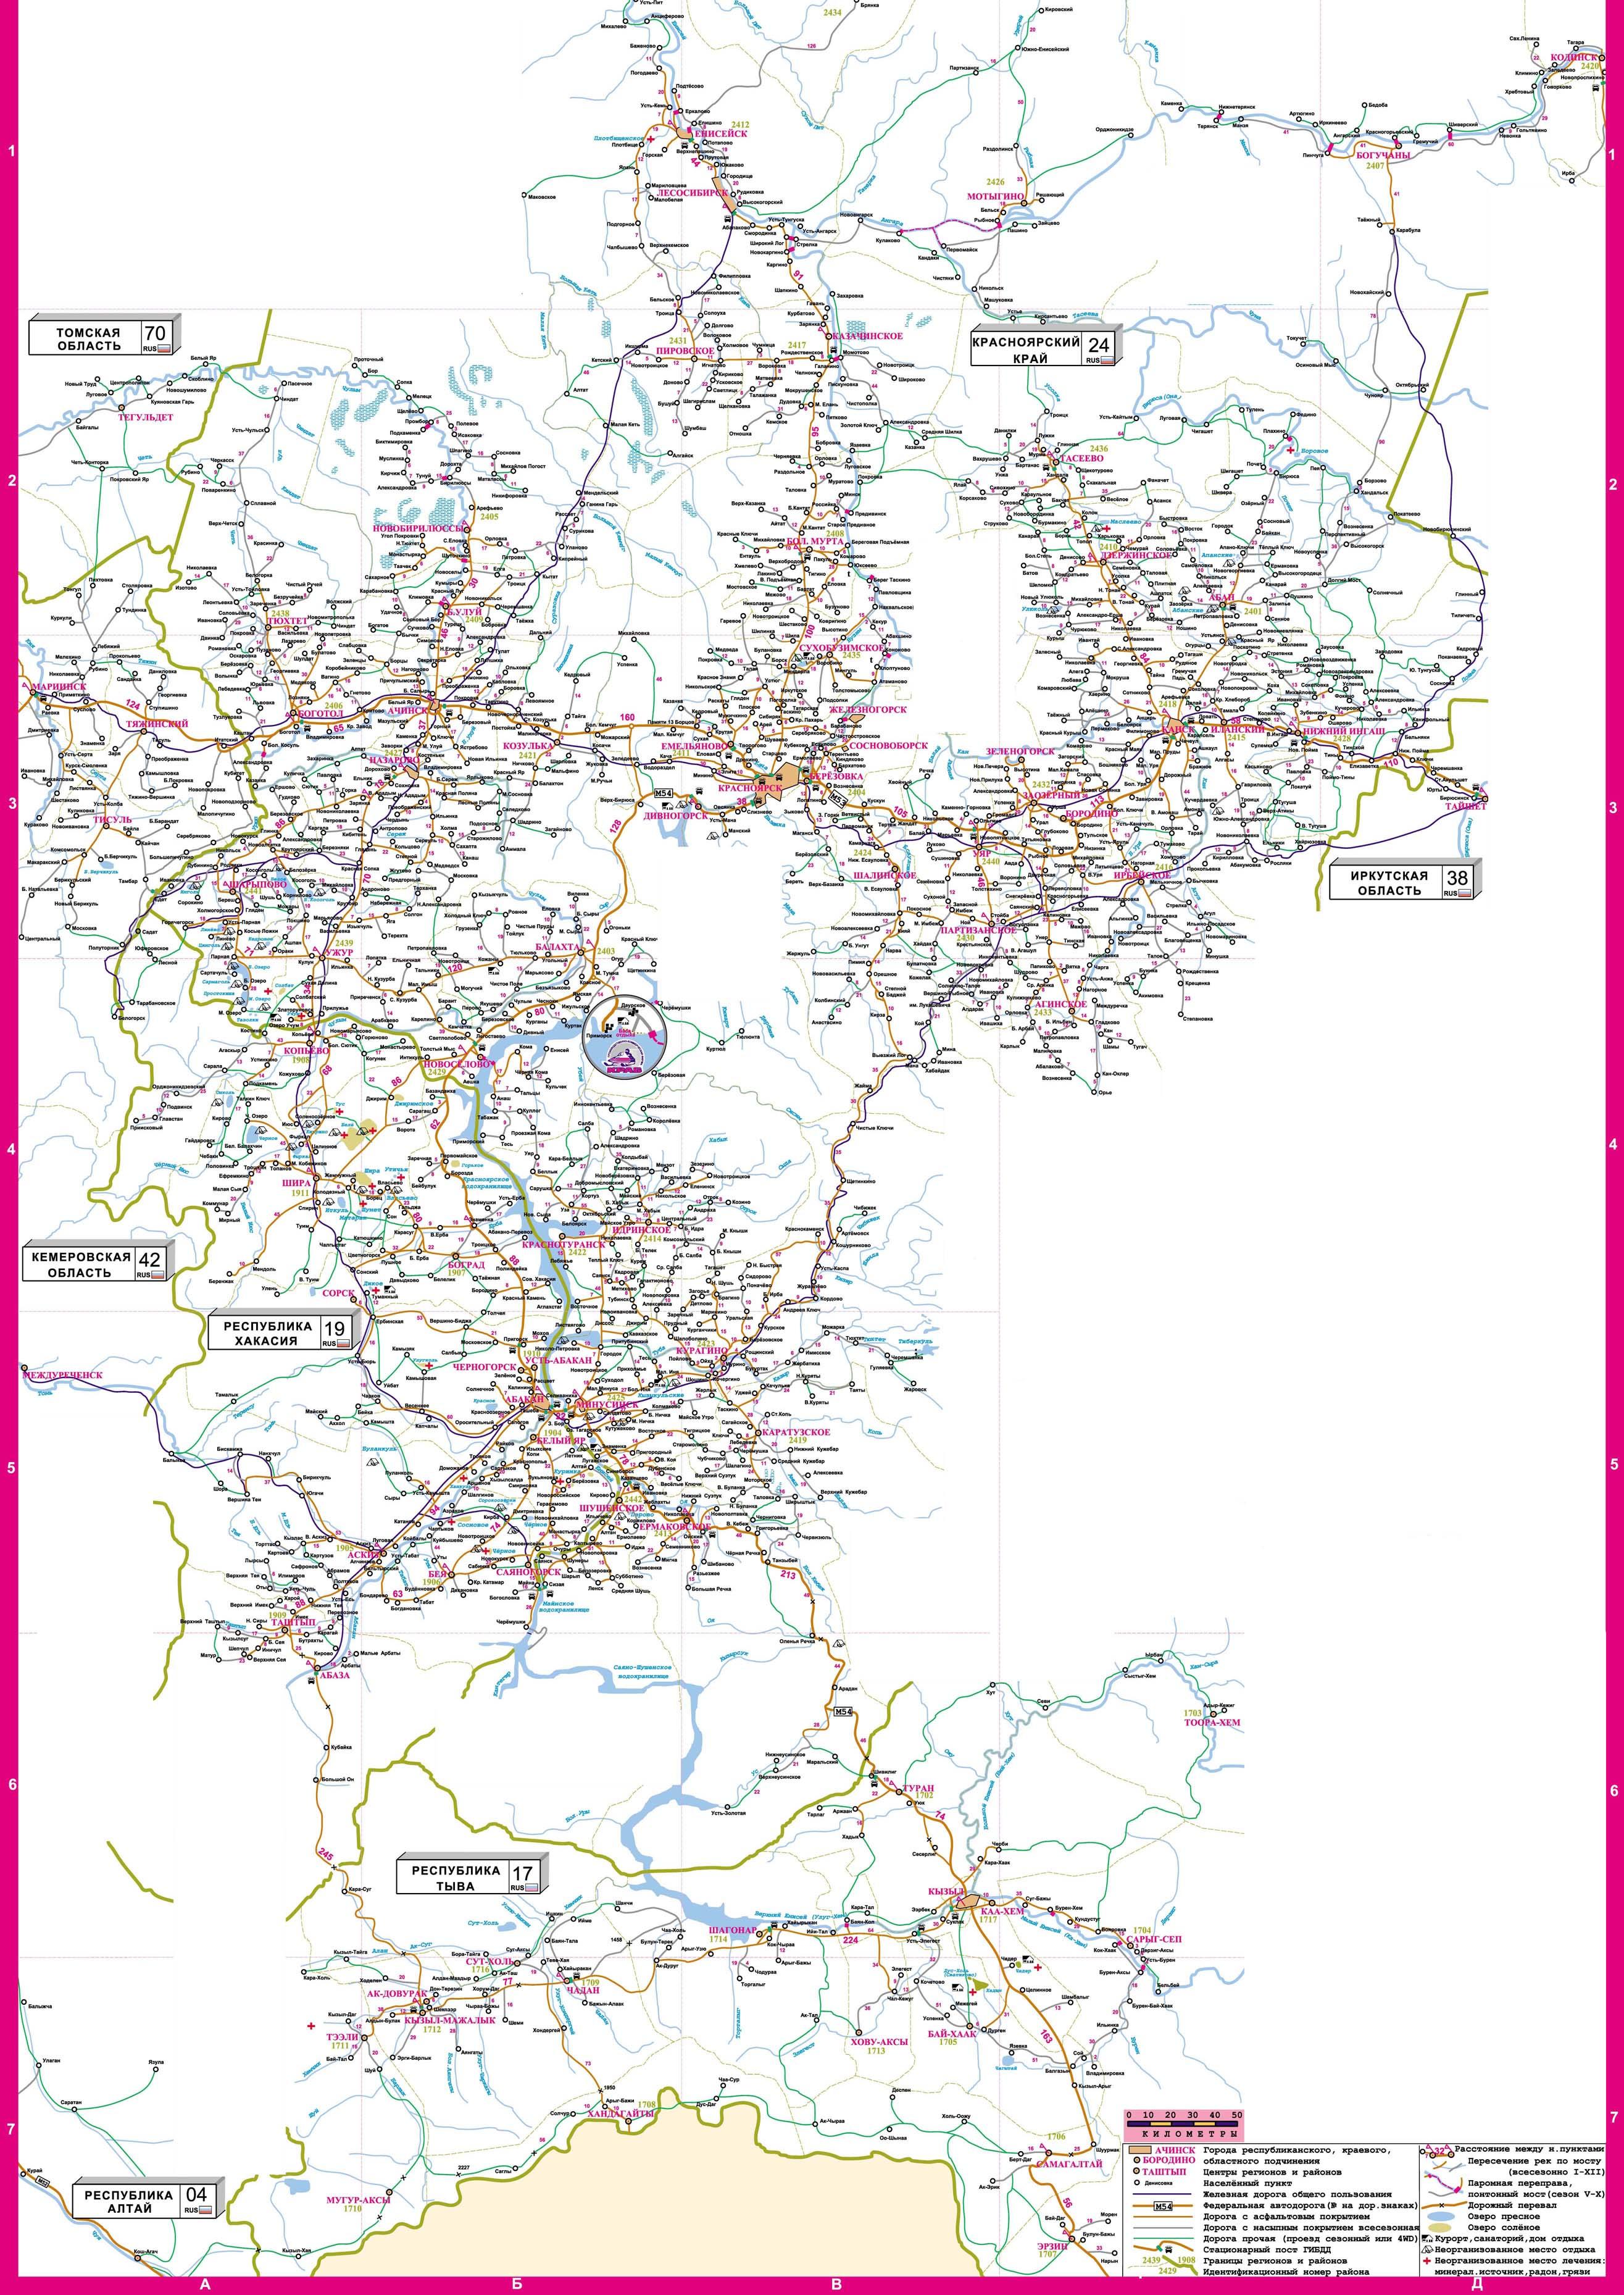 организаций города Шарыпово (Красноярский край) библиотеки карта контактные данные организаций библиотеки военные...